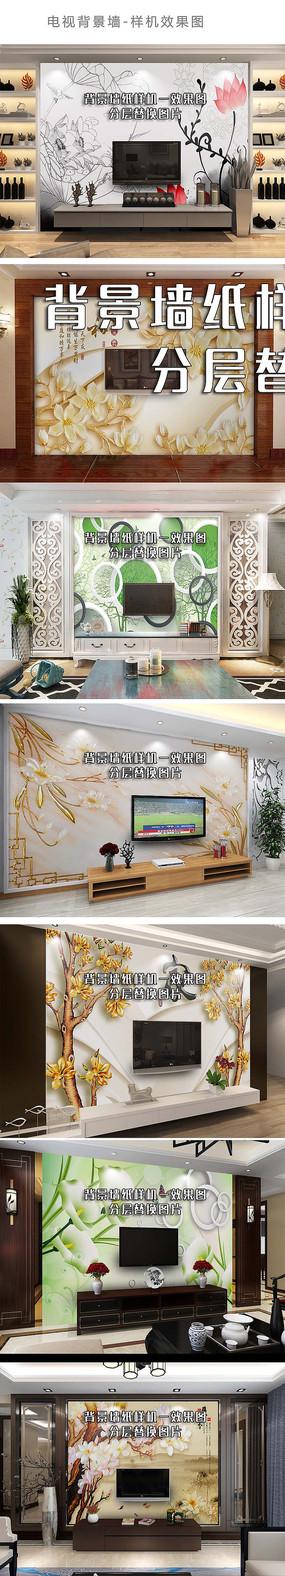 中式电视墙纸样机图